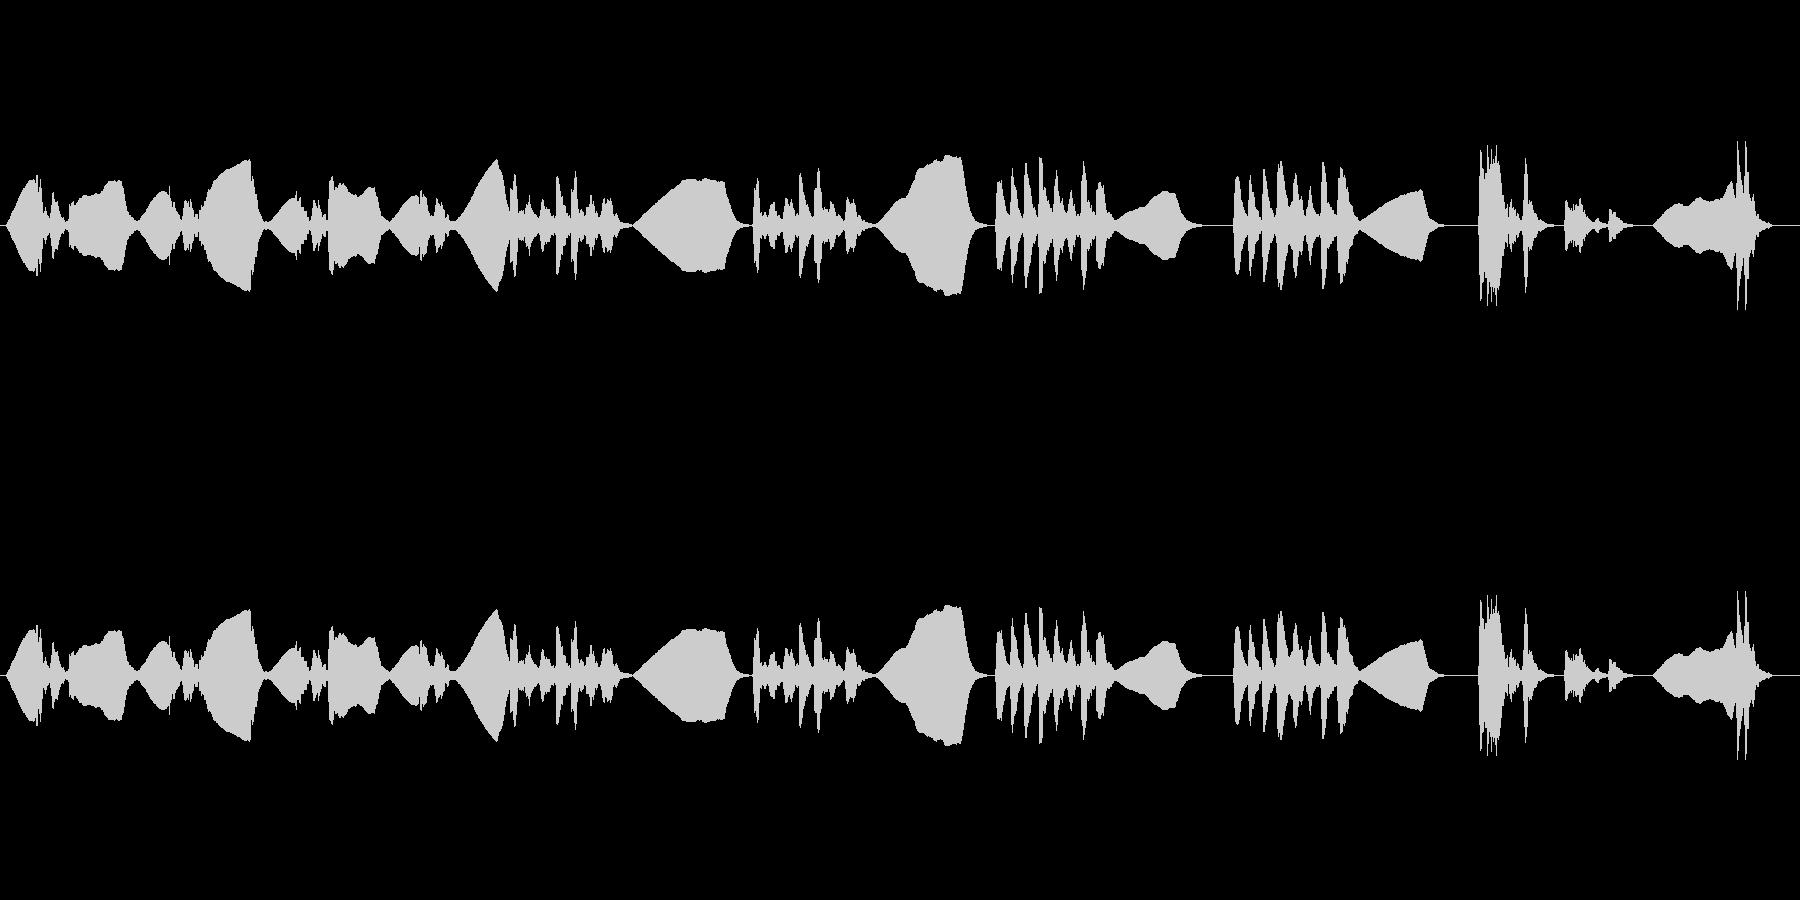 ファゴットソロのゆる~い曲の未再生の波形